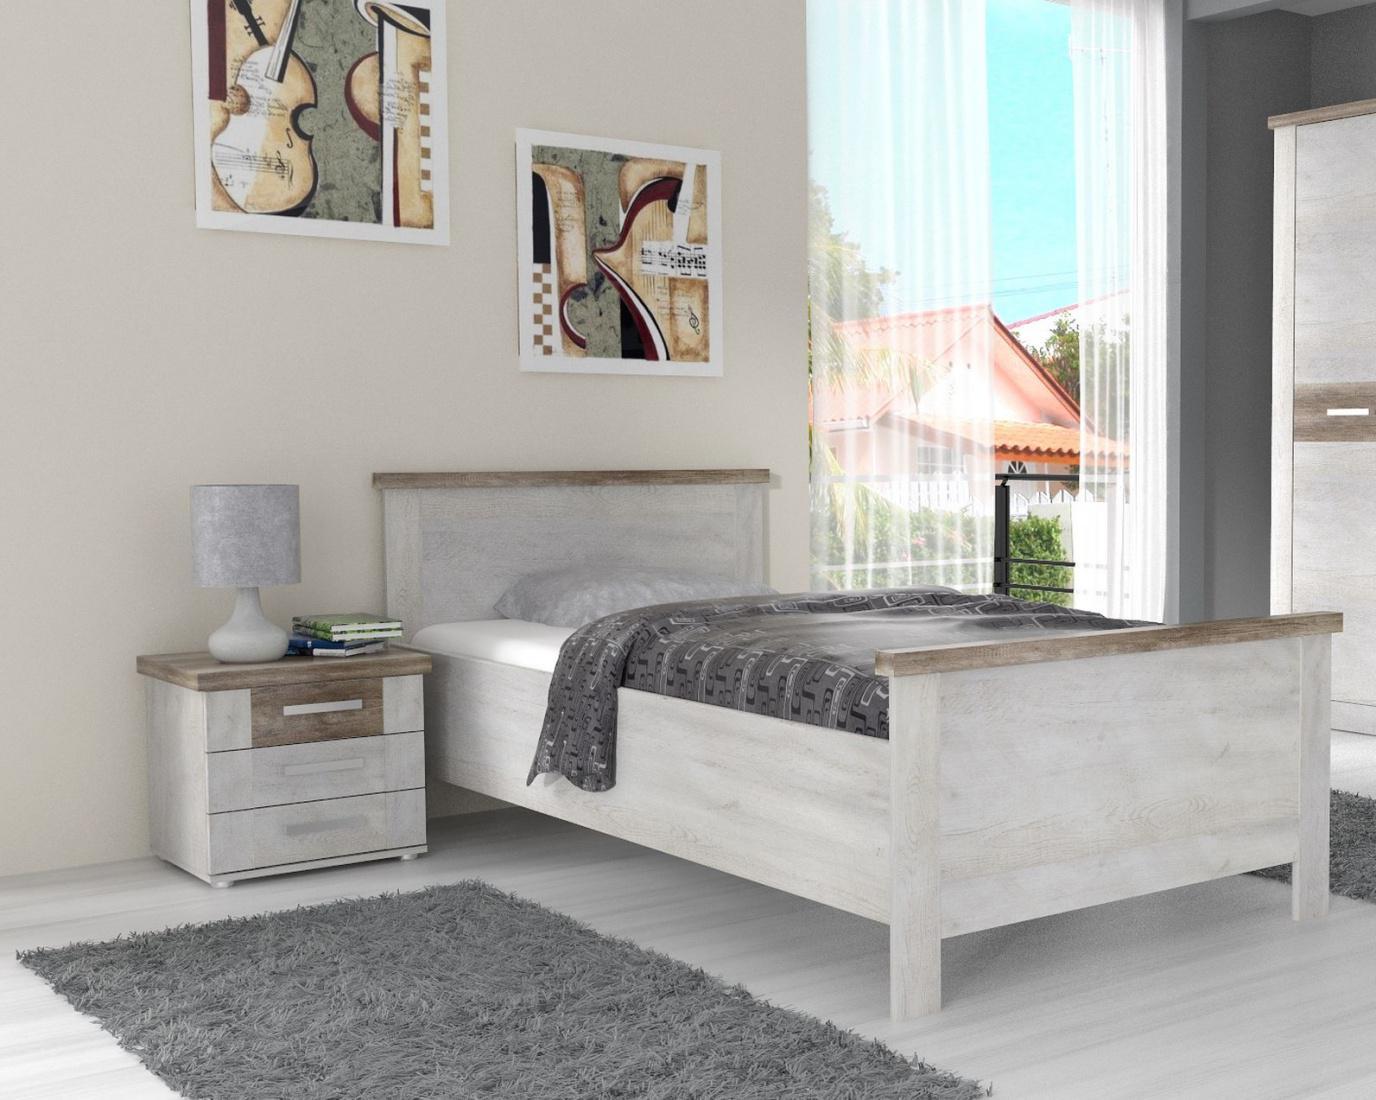 schlafzimmerbett hedda 100x200cm in pinia wei eiche. Black Bedroom Furniture Sets. Home Design Ideas